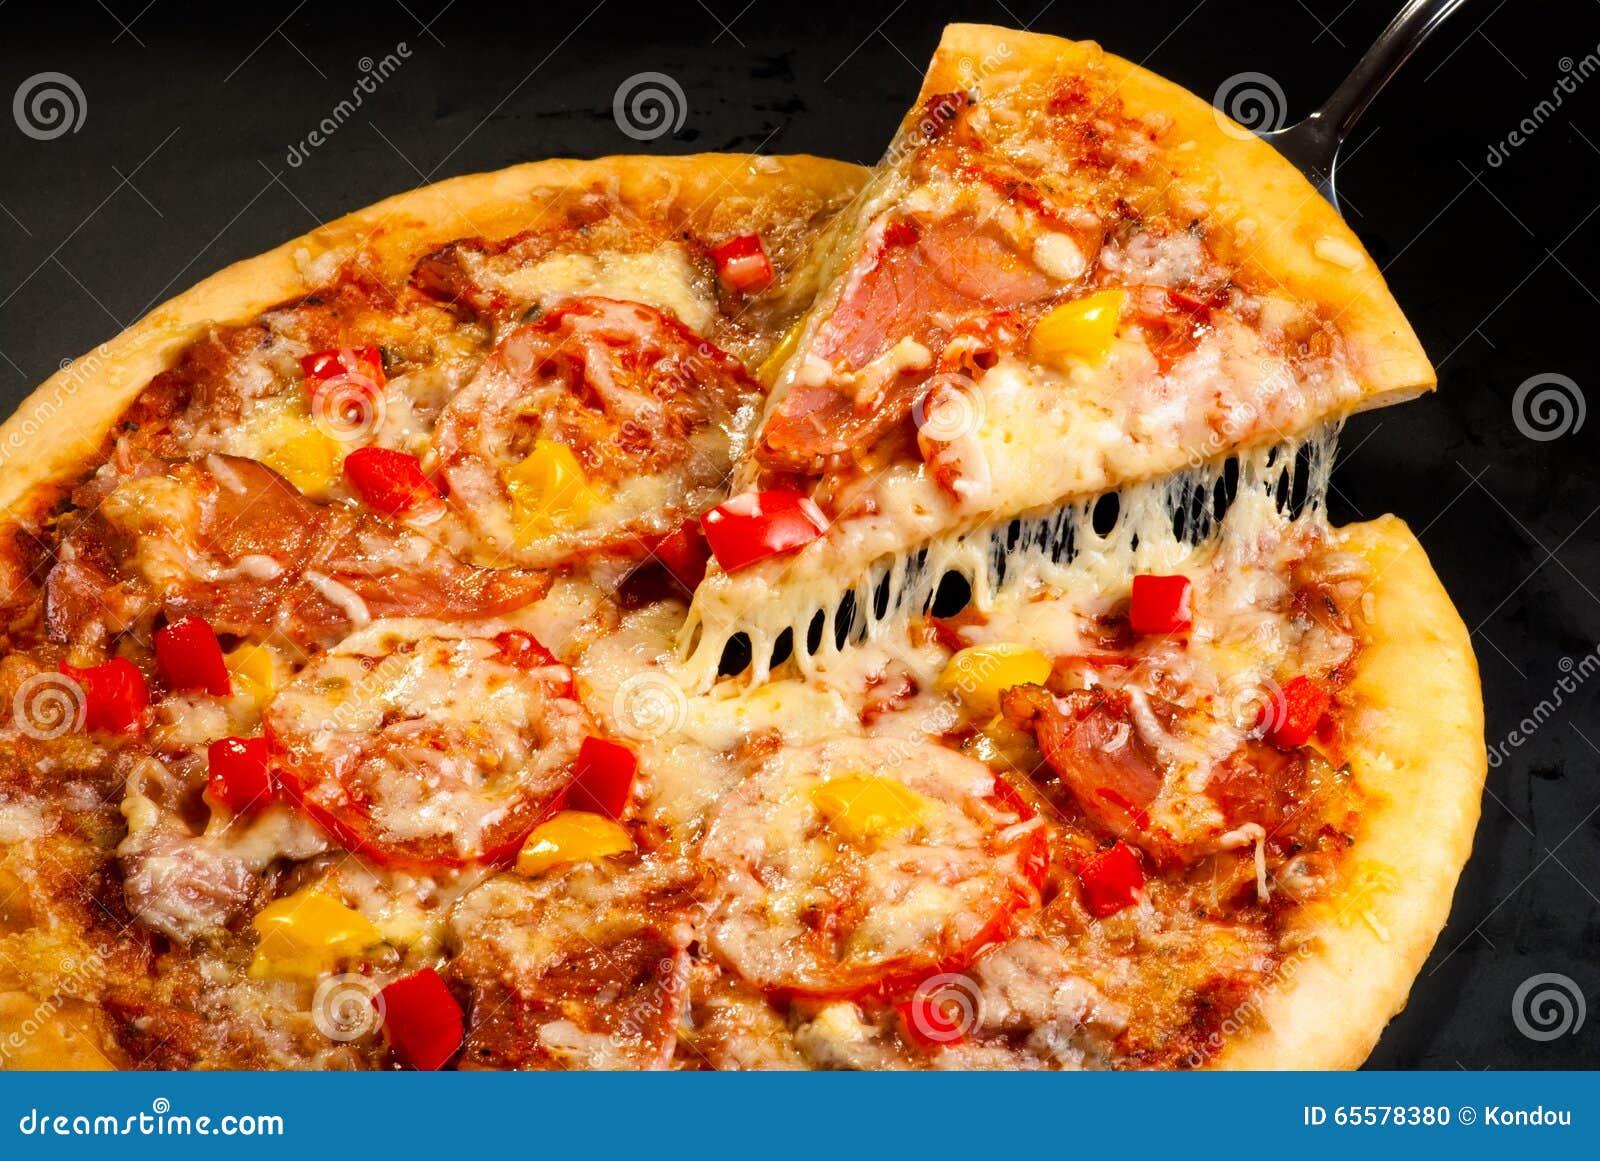 Pizza com presunto